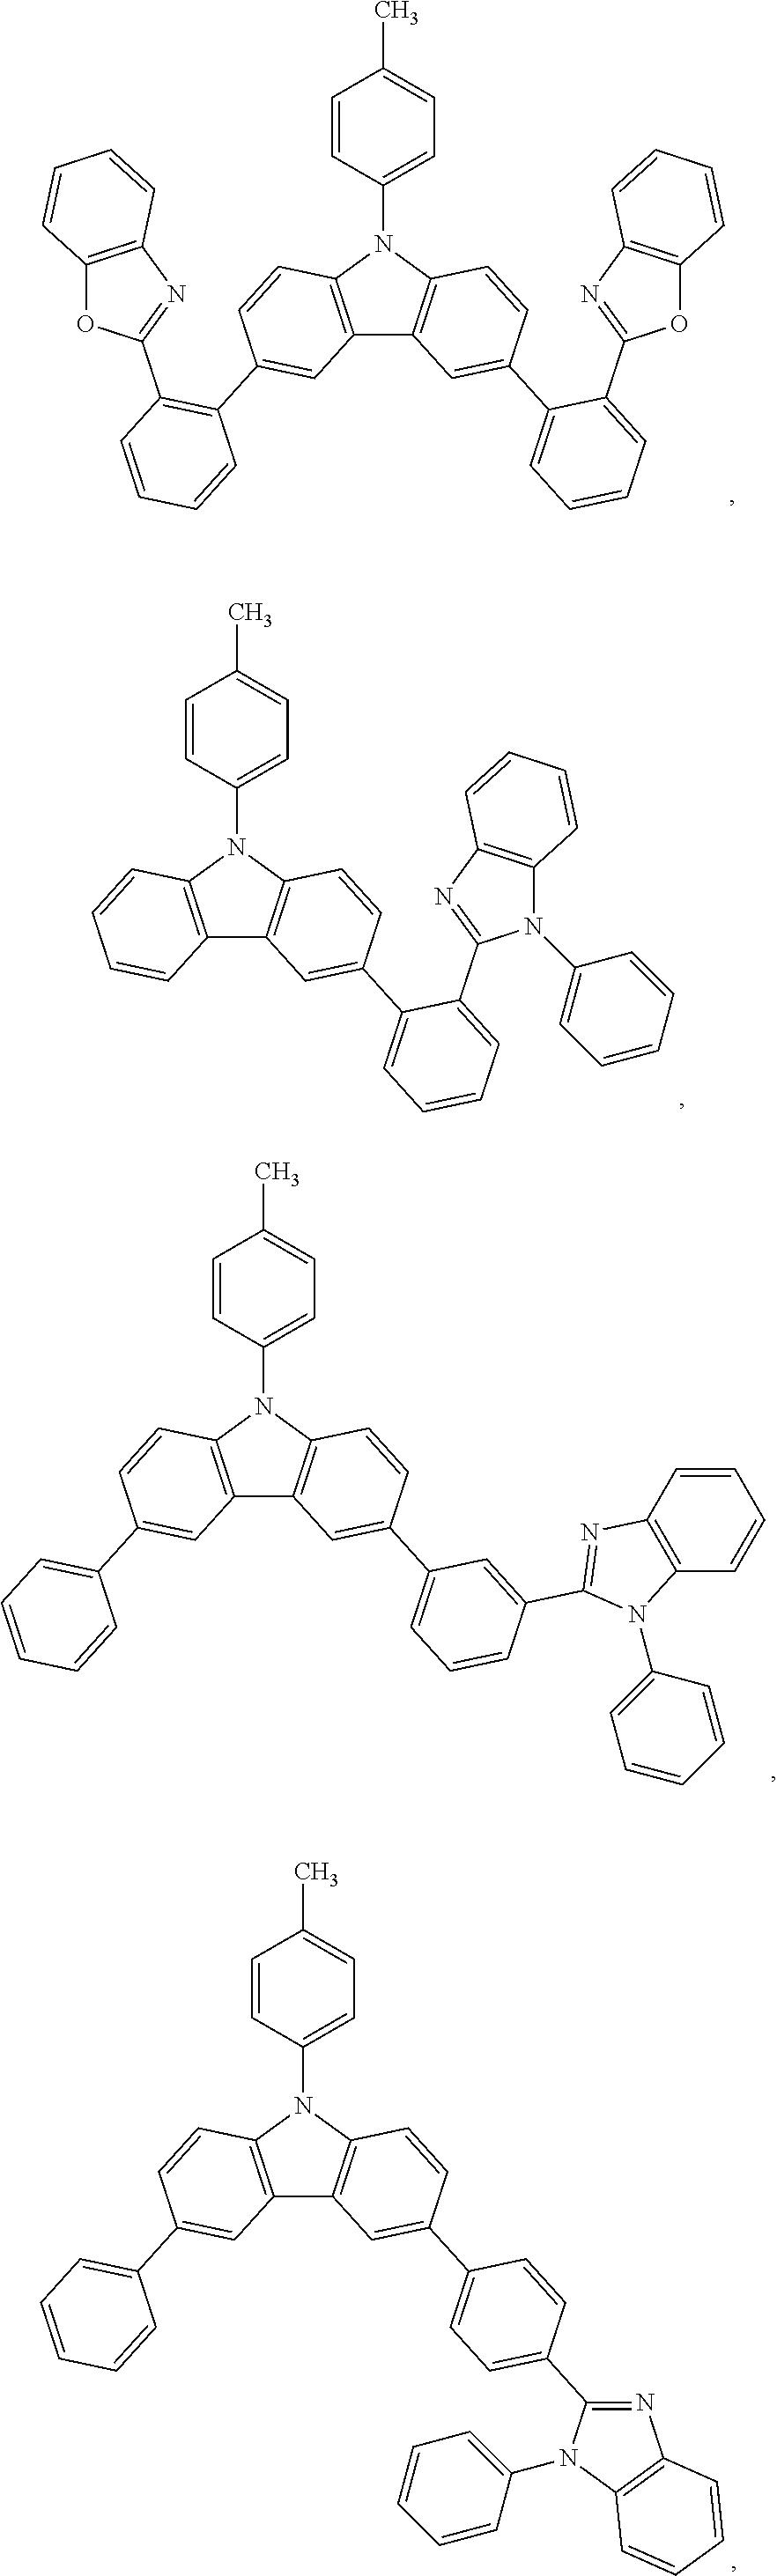 Figure US09853220-20171226-C00017